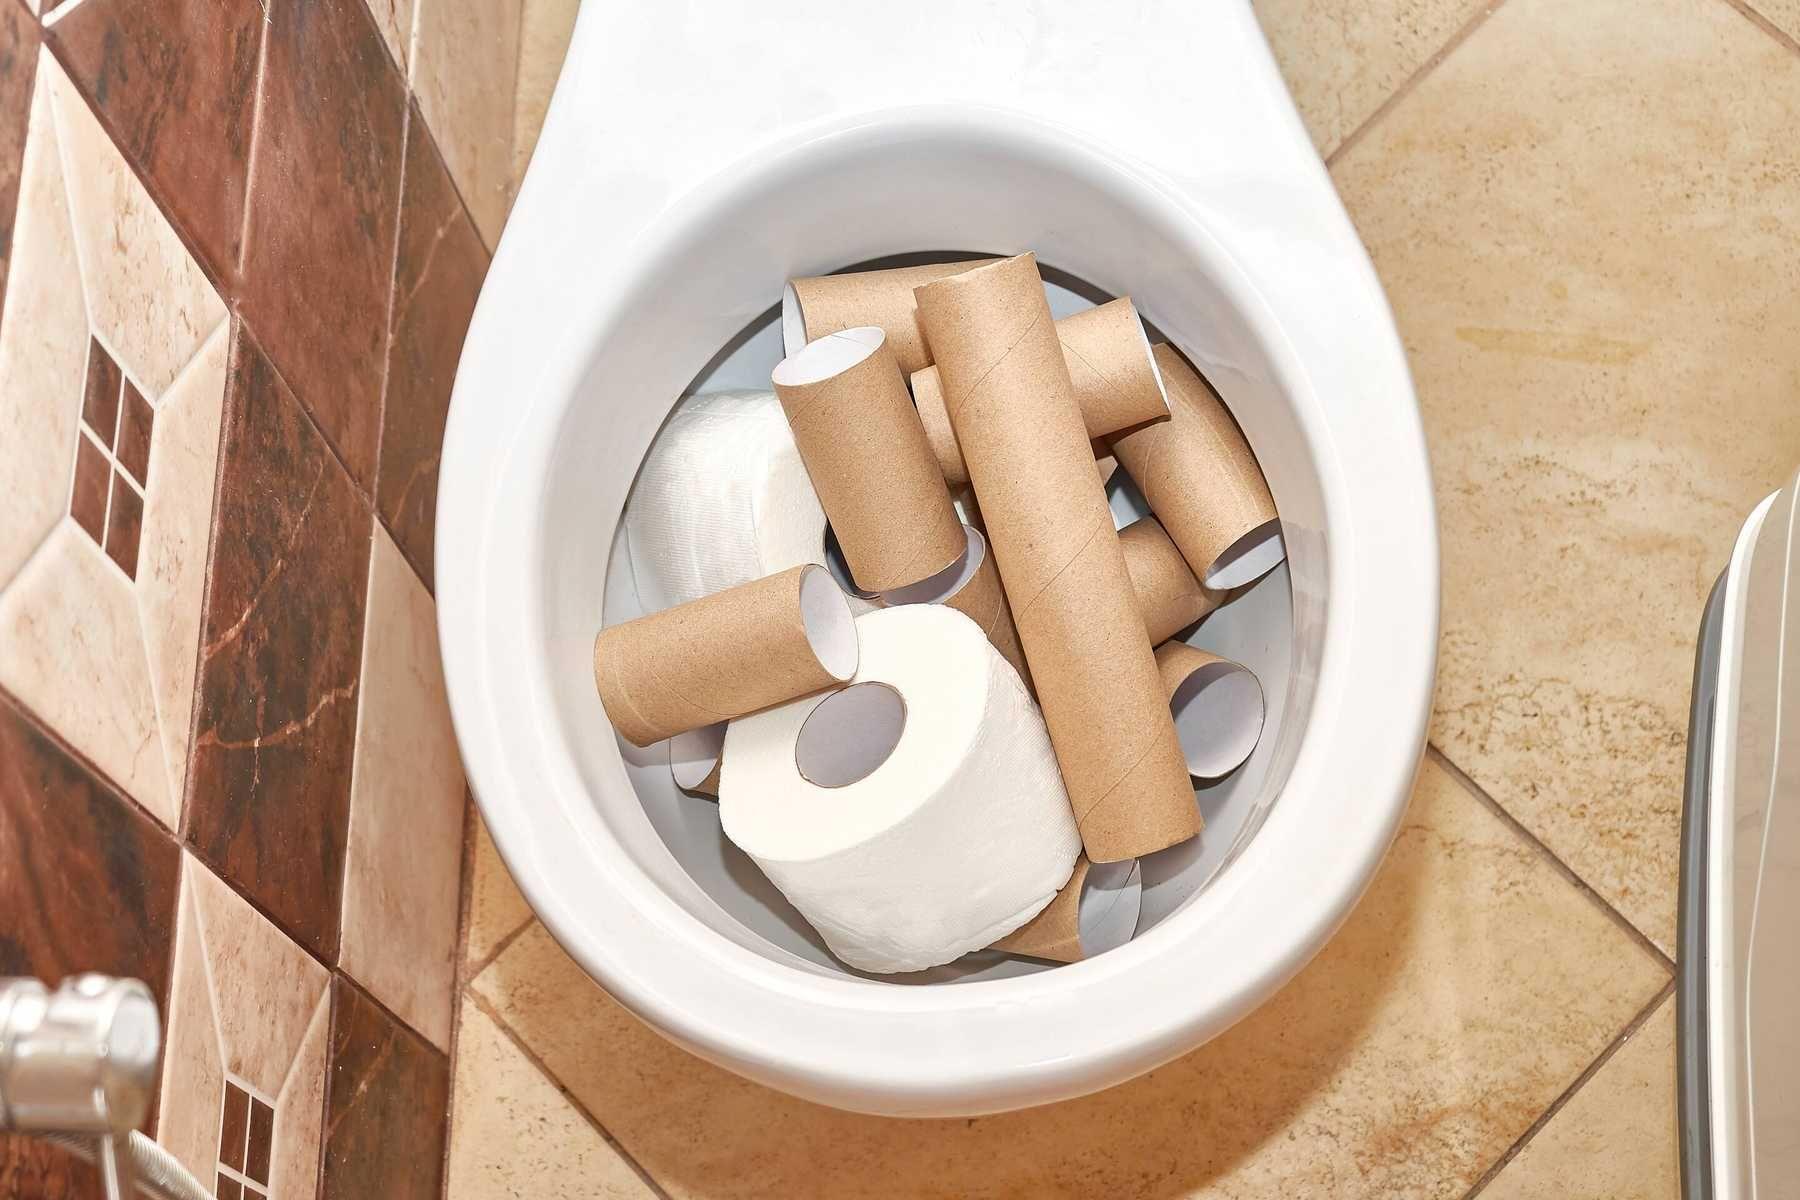 Thông tắc bồn cầu bị nghẹt do sử dụng nhiều giấy vệ sinh